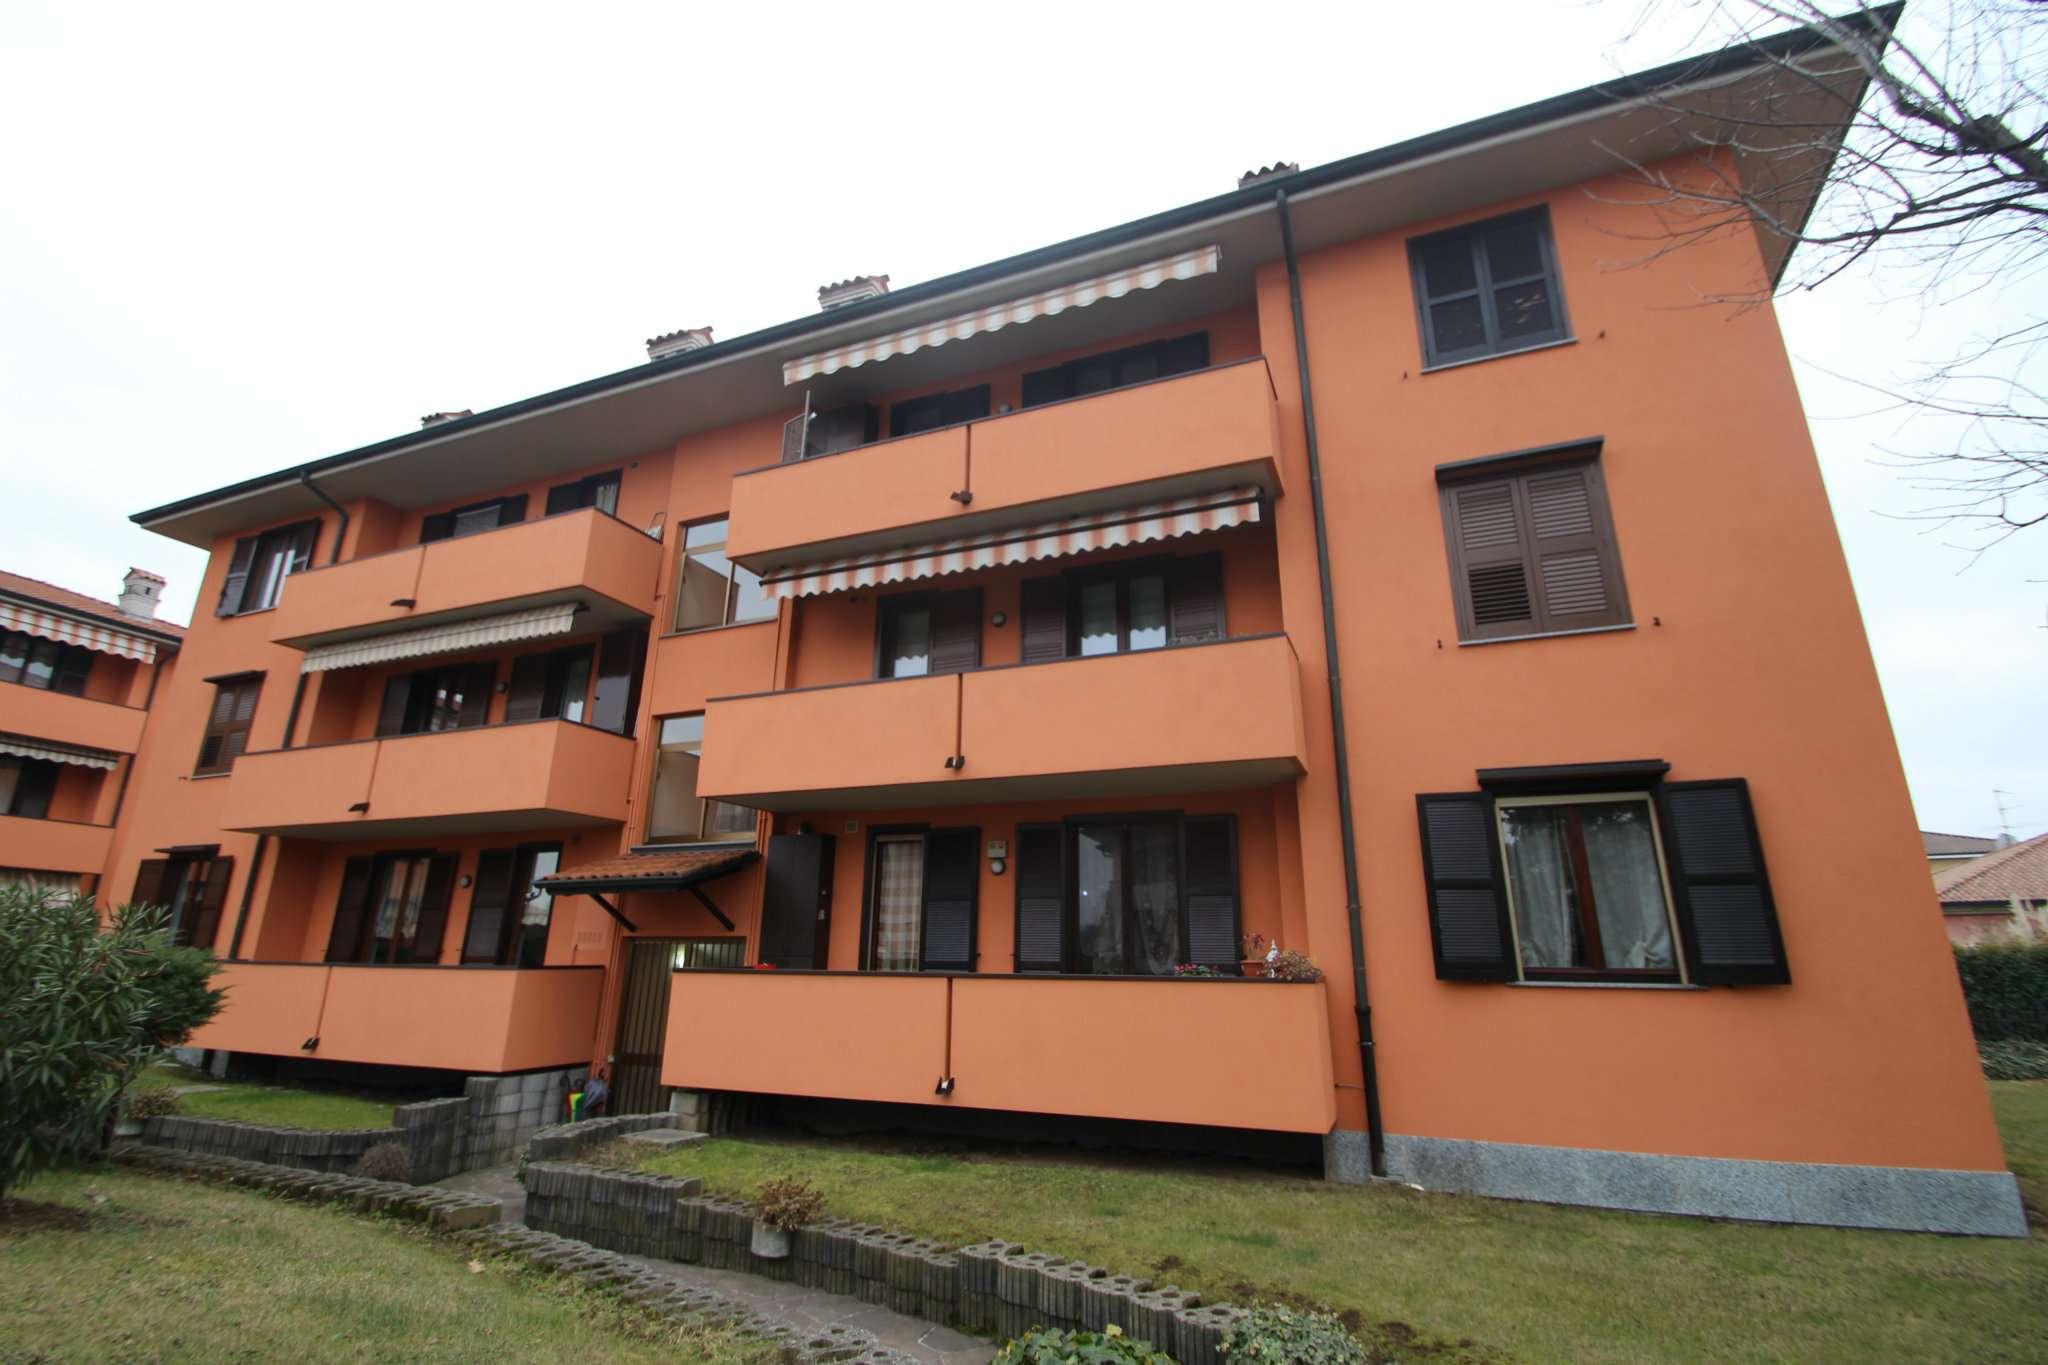 Appartamento in vendita a Bonate Sotto, 3 locali, prezzo € 125.000   PortaleAgenzieImmobiliari.it